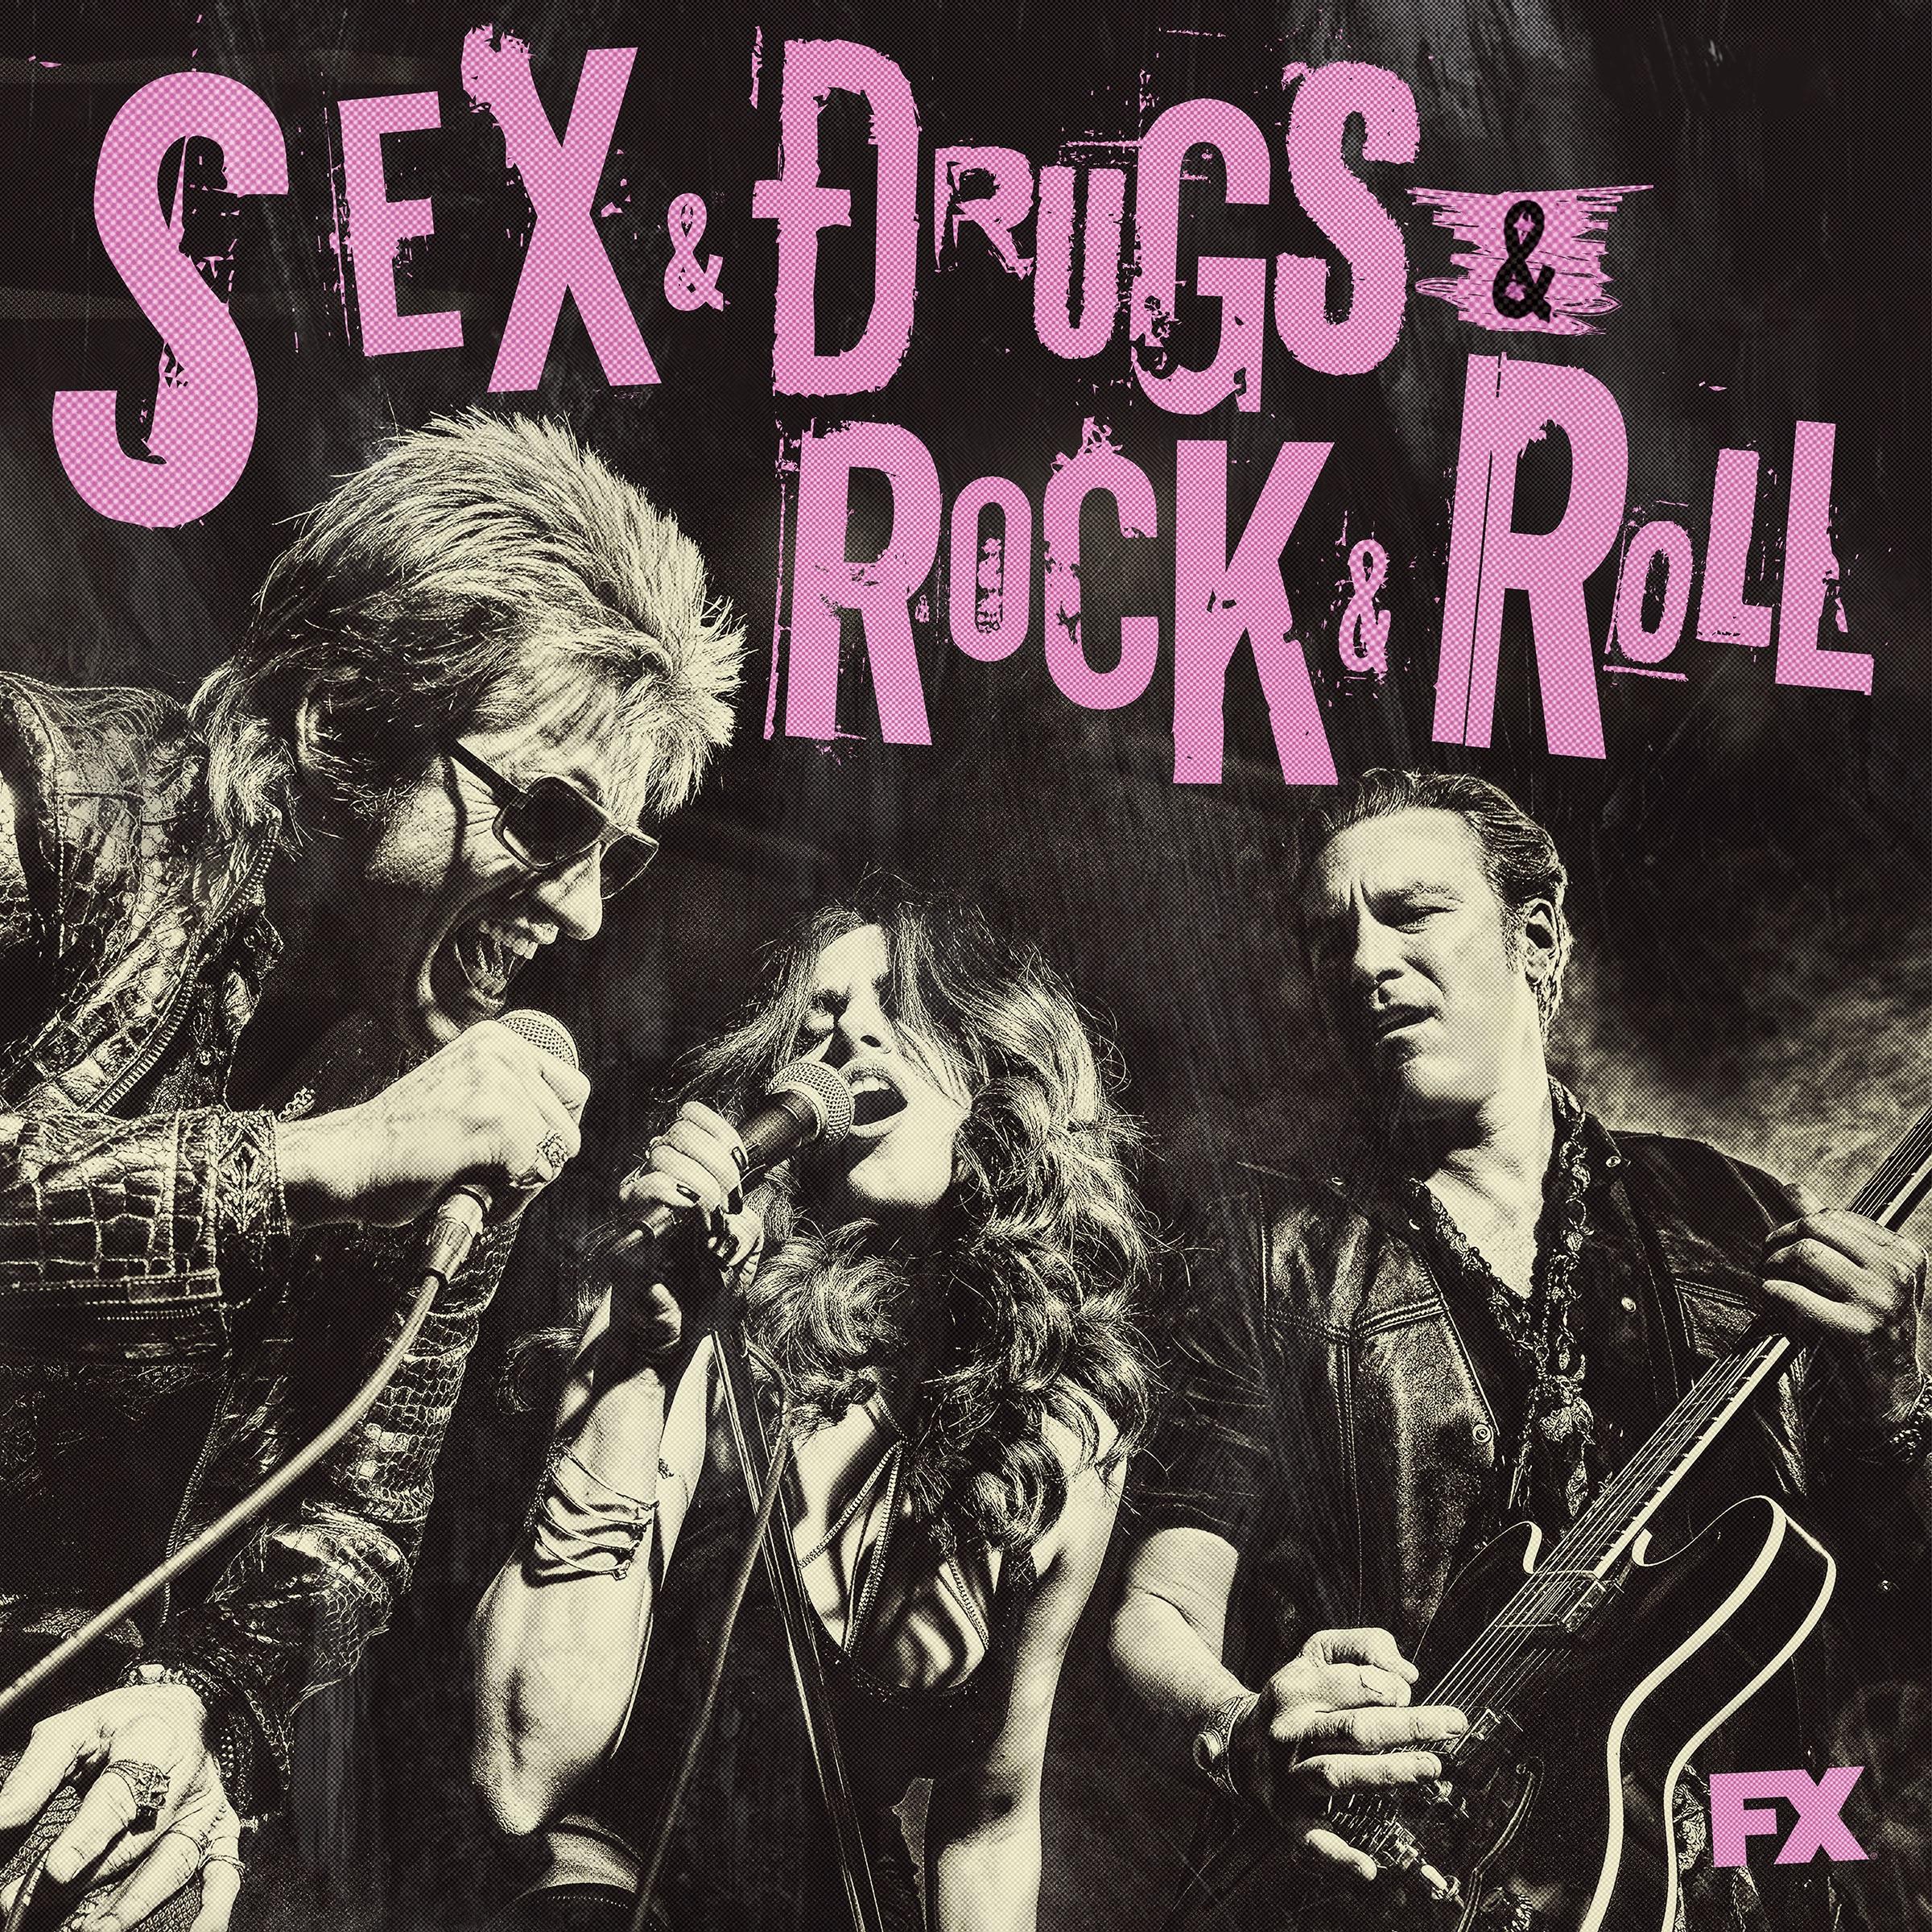 Секс наркотики рок н рол 11 фотография